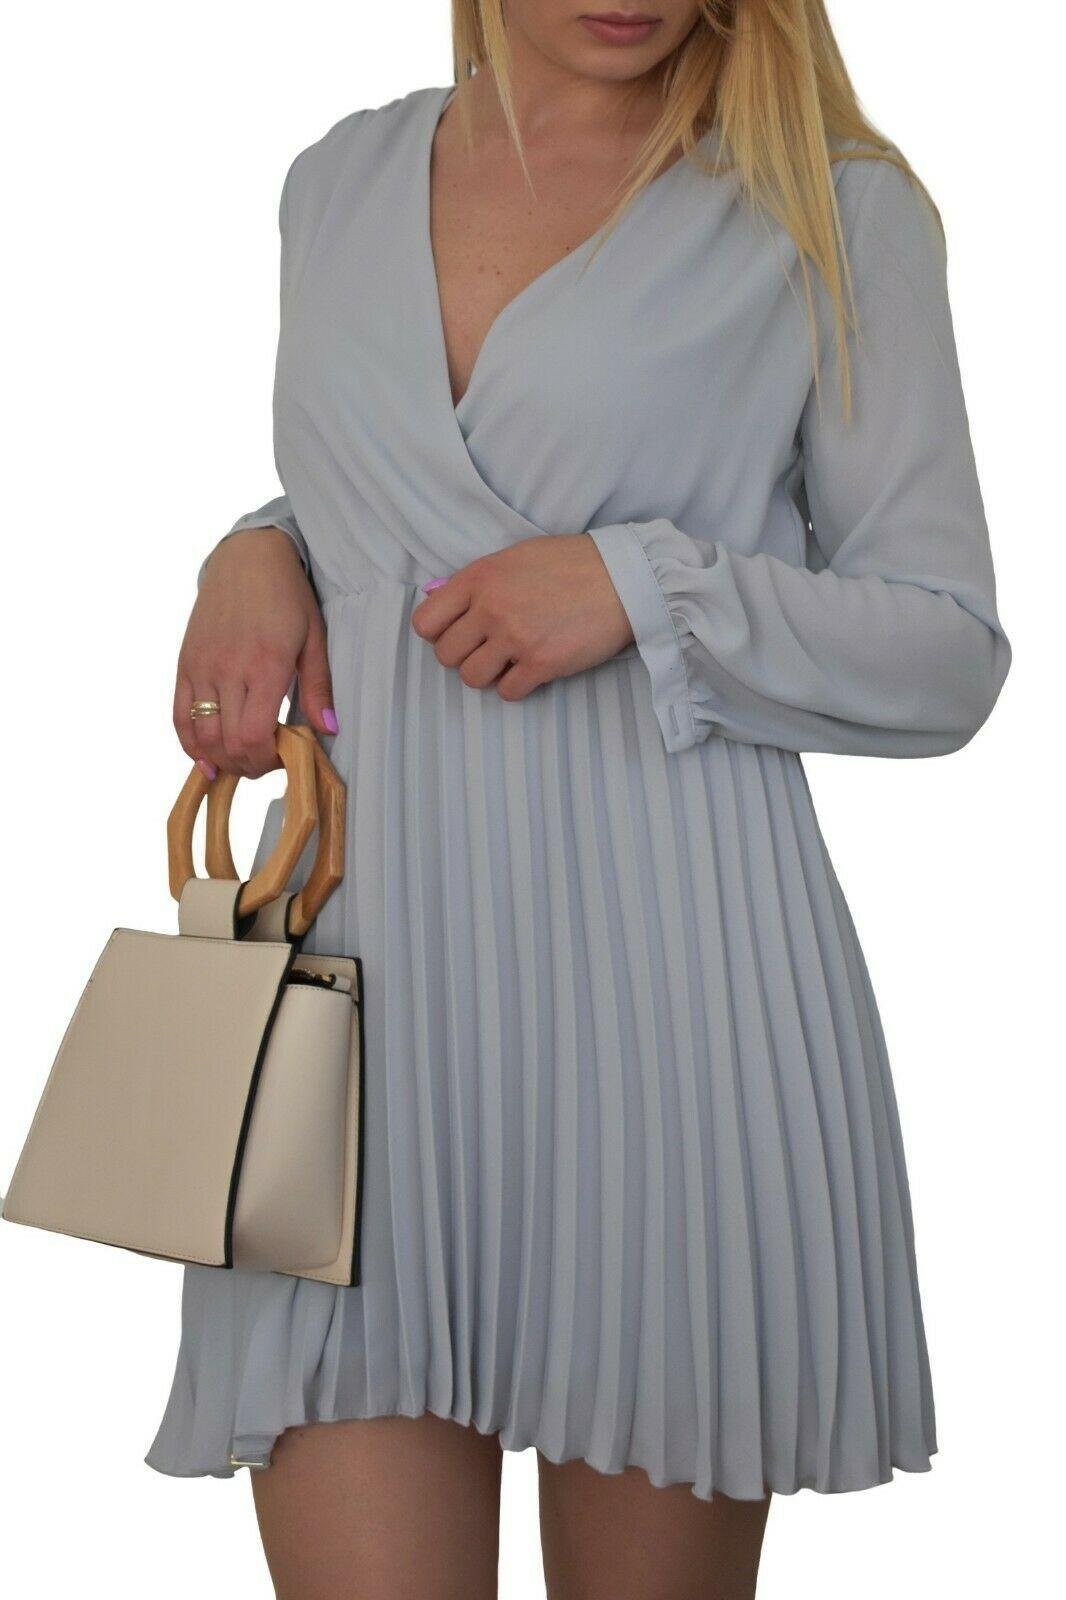 Damen Mini Plissee Kleid Plisseekleid Falten Faltenkleid Cocktailkleid Langarm Schwarzes Kleid Ideen Von Schwarze Mode Fashion Fashion Cold Shoulder Dress